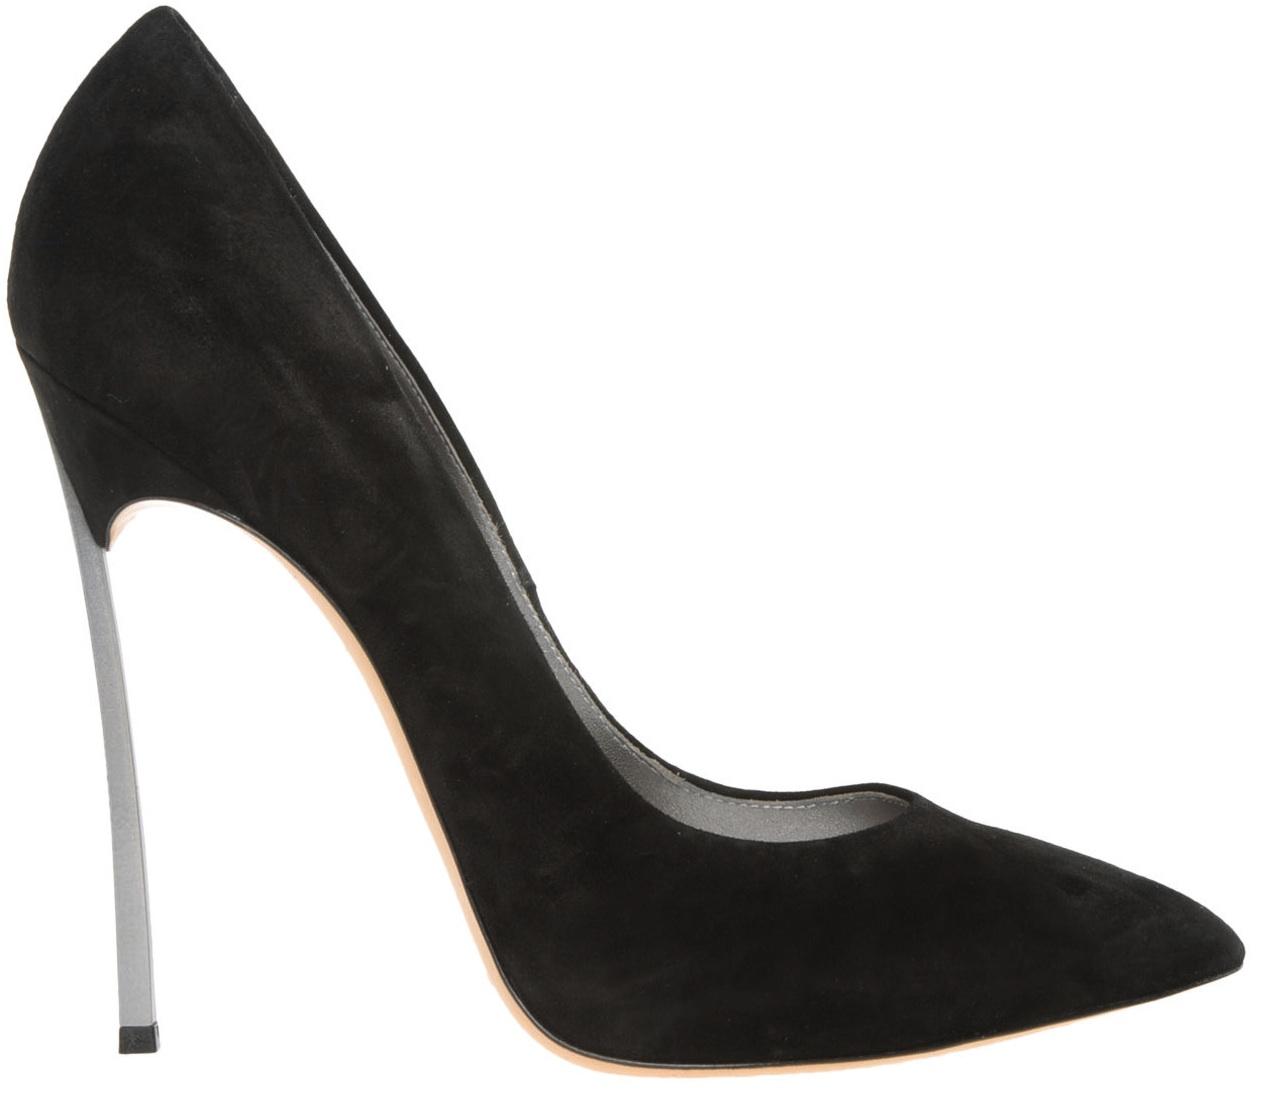 yuksek-topuklu-ayakkabi-modelleri-stiletto-6